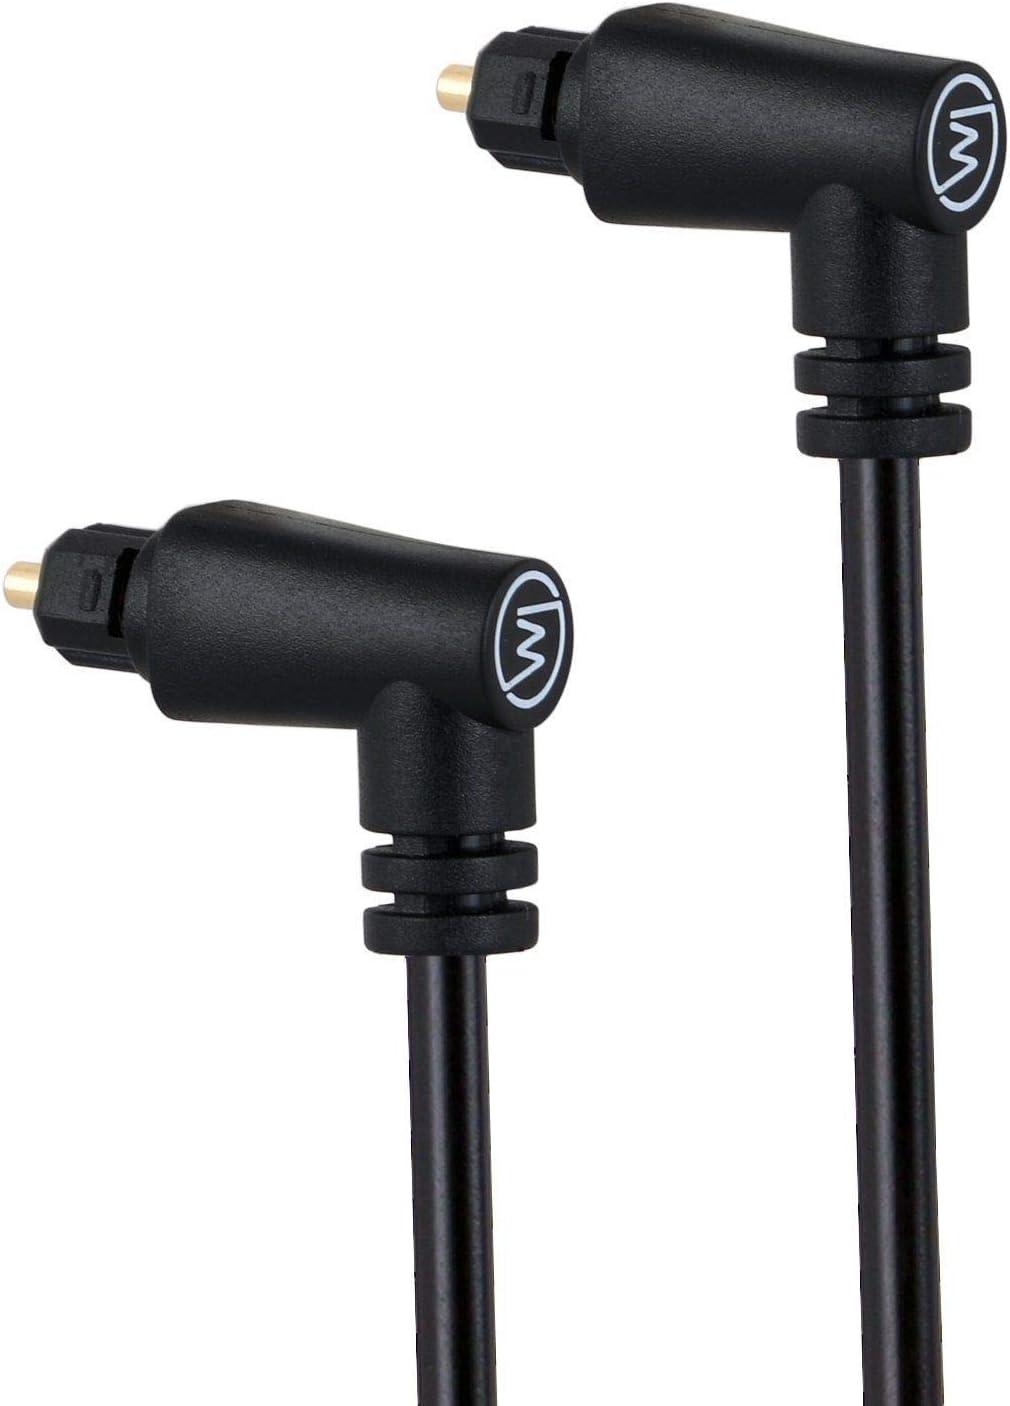 Wicked Chili Toslink Kabel 90 Abgewinkelt Digitales Elektronik